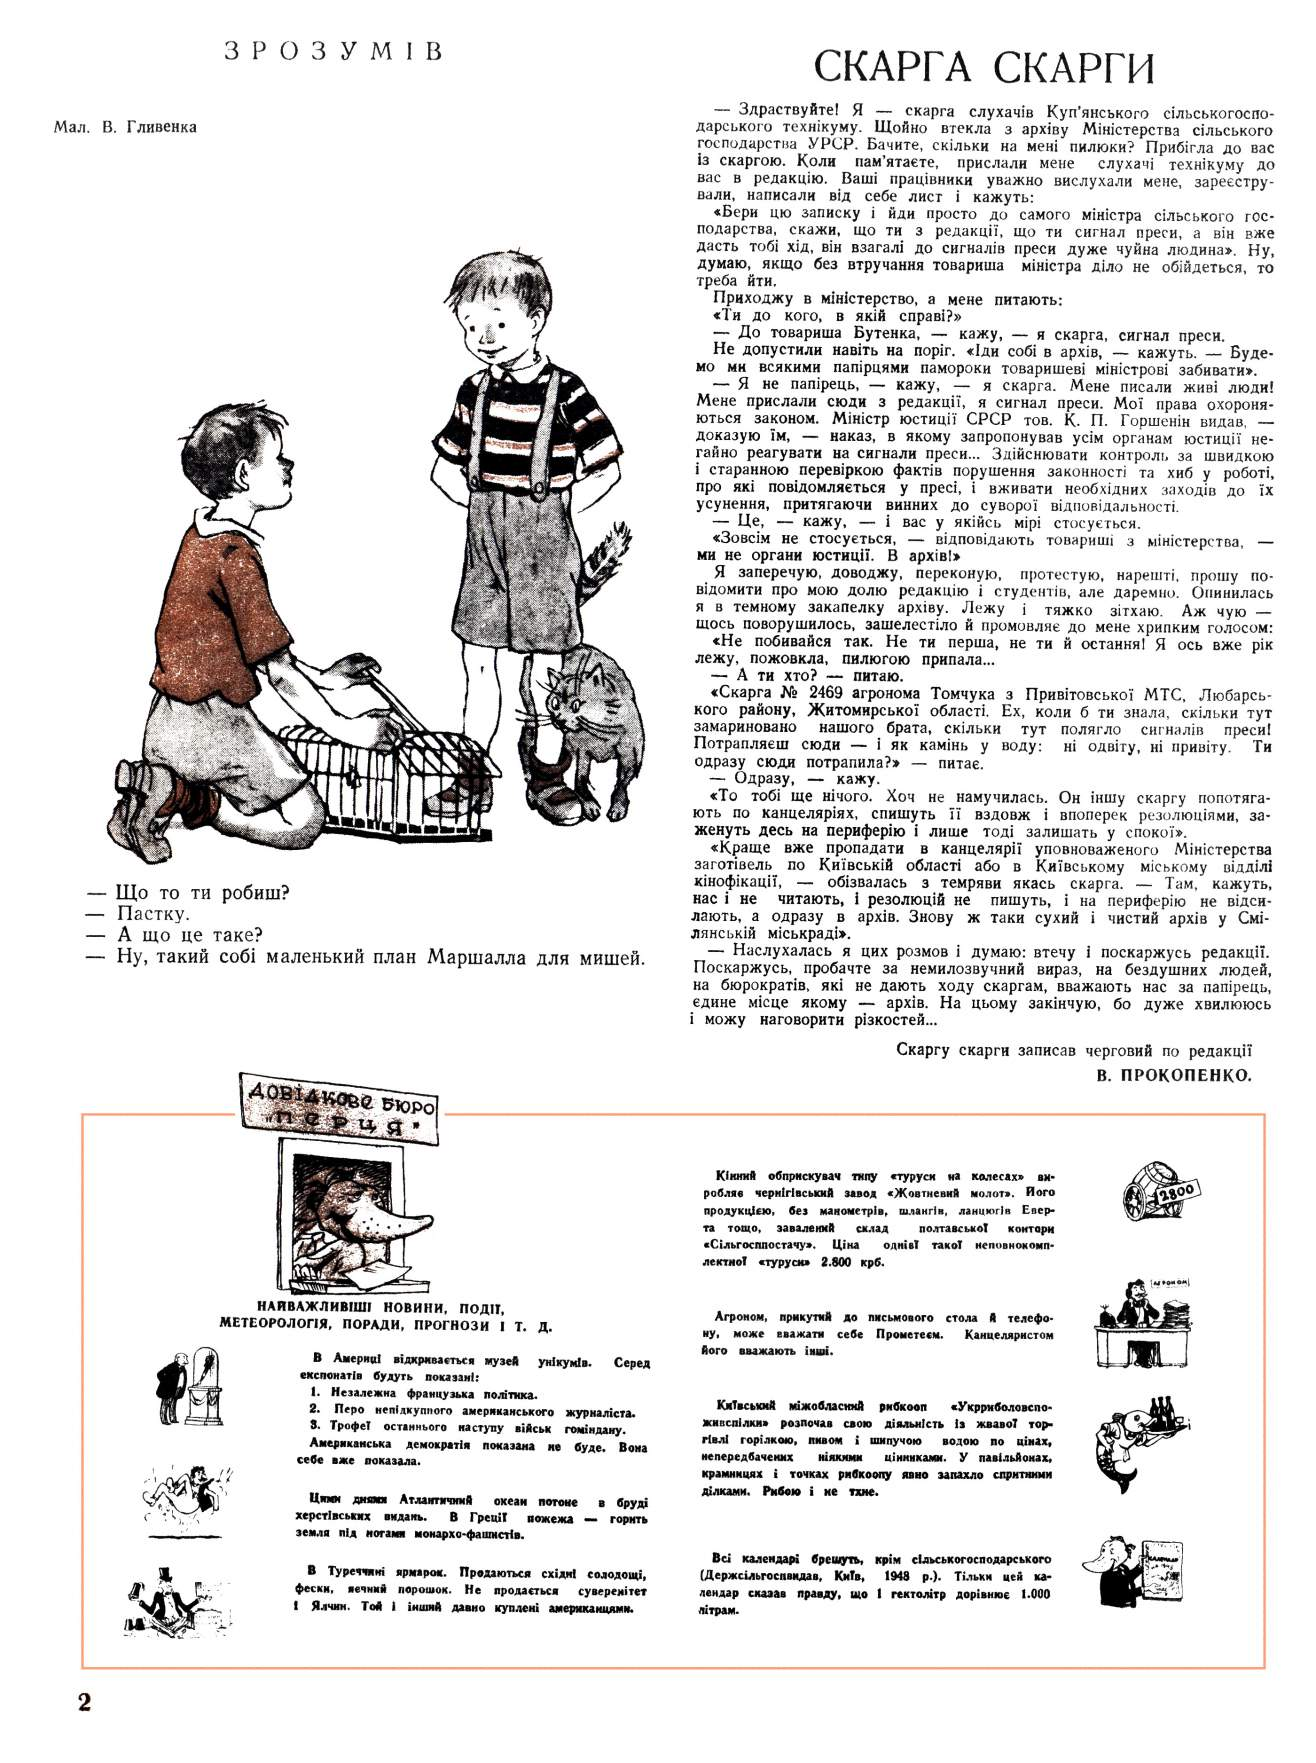 Журнал перець 1948 №11